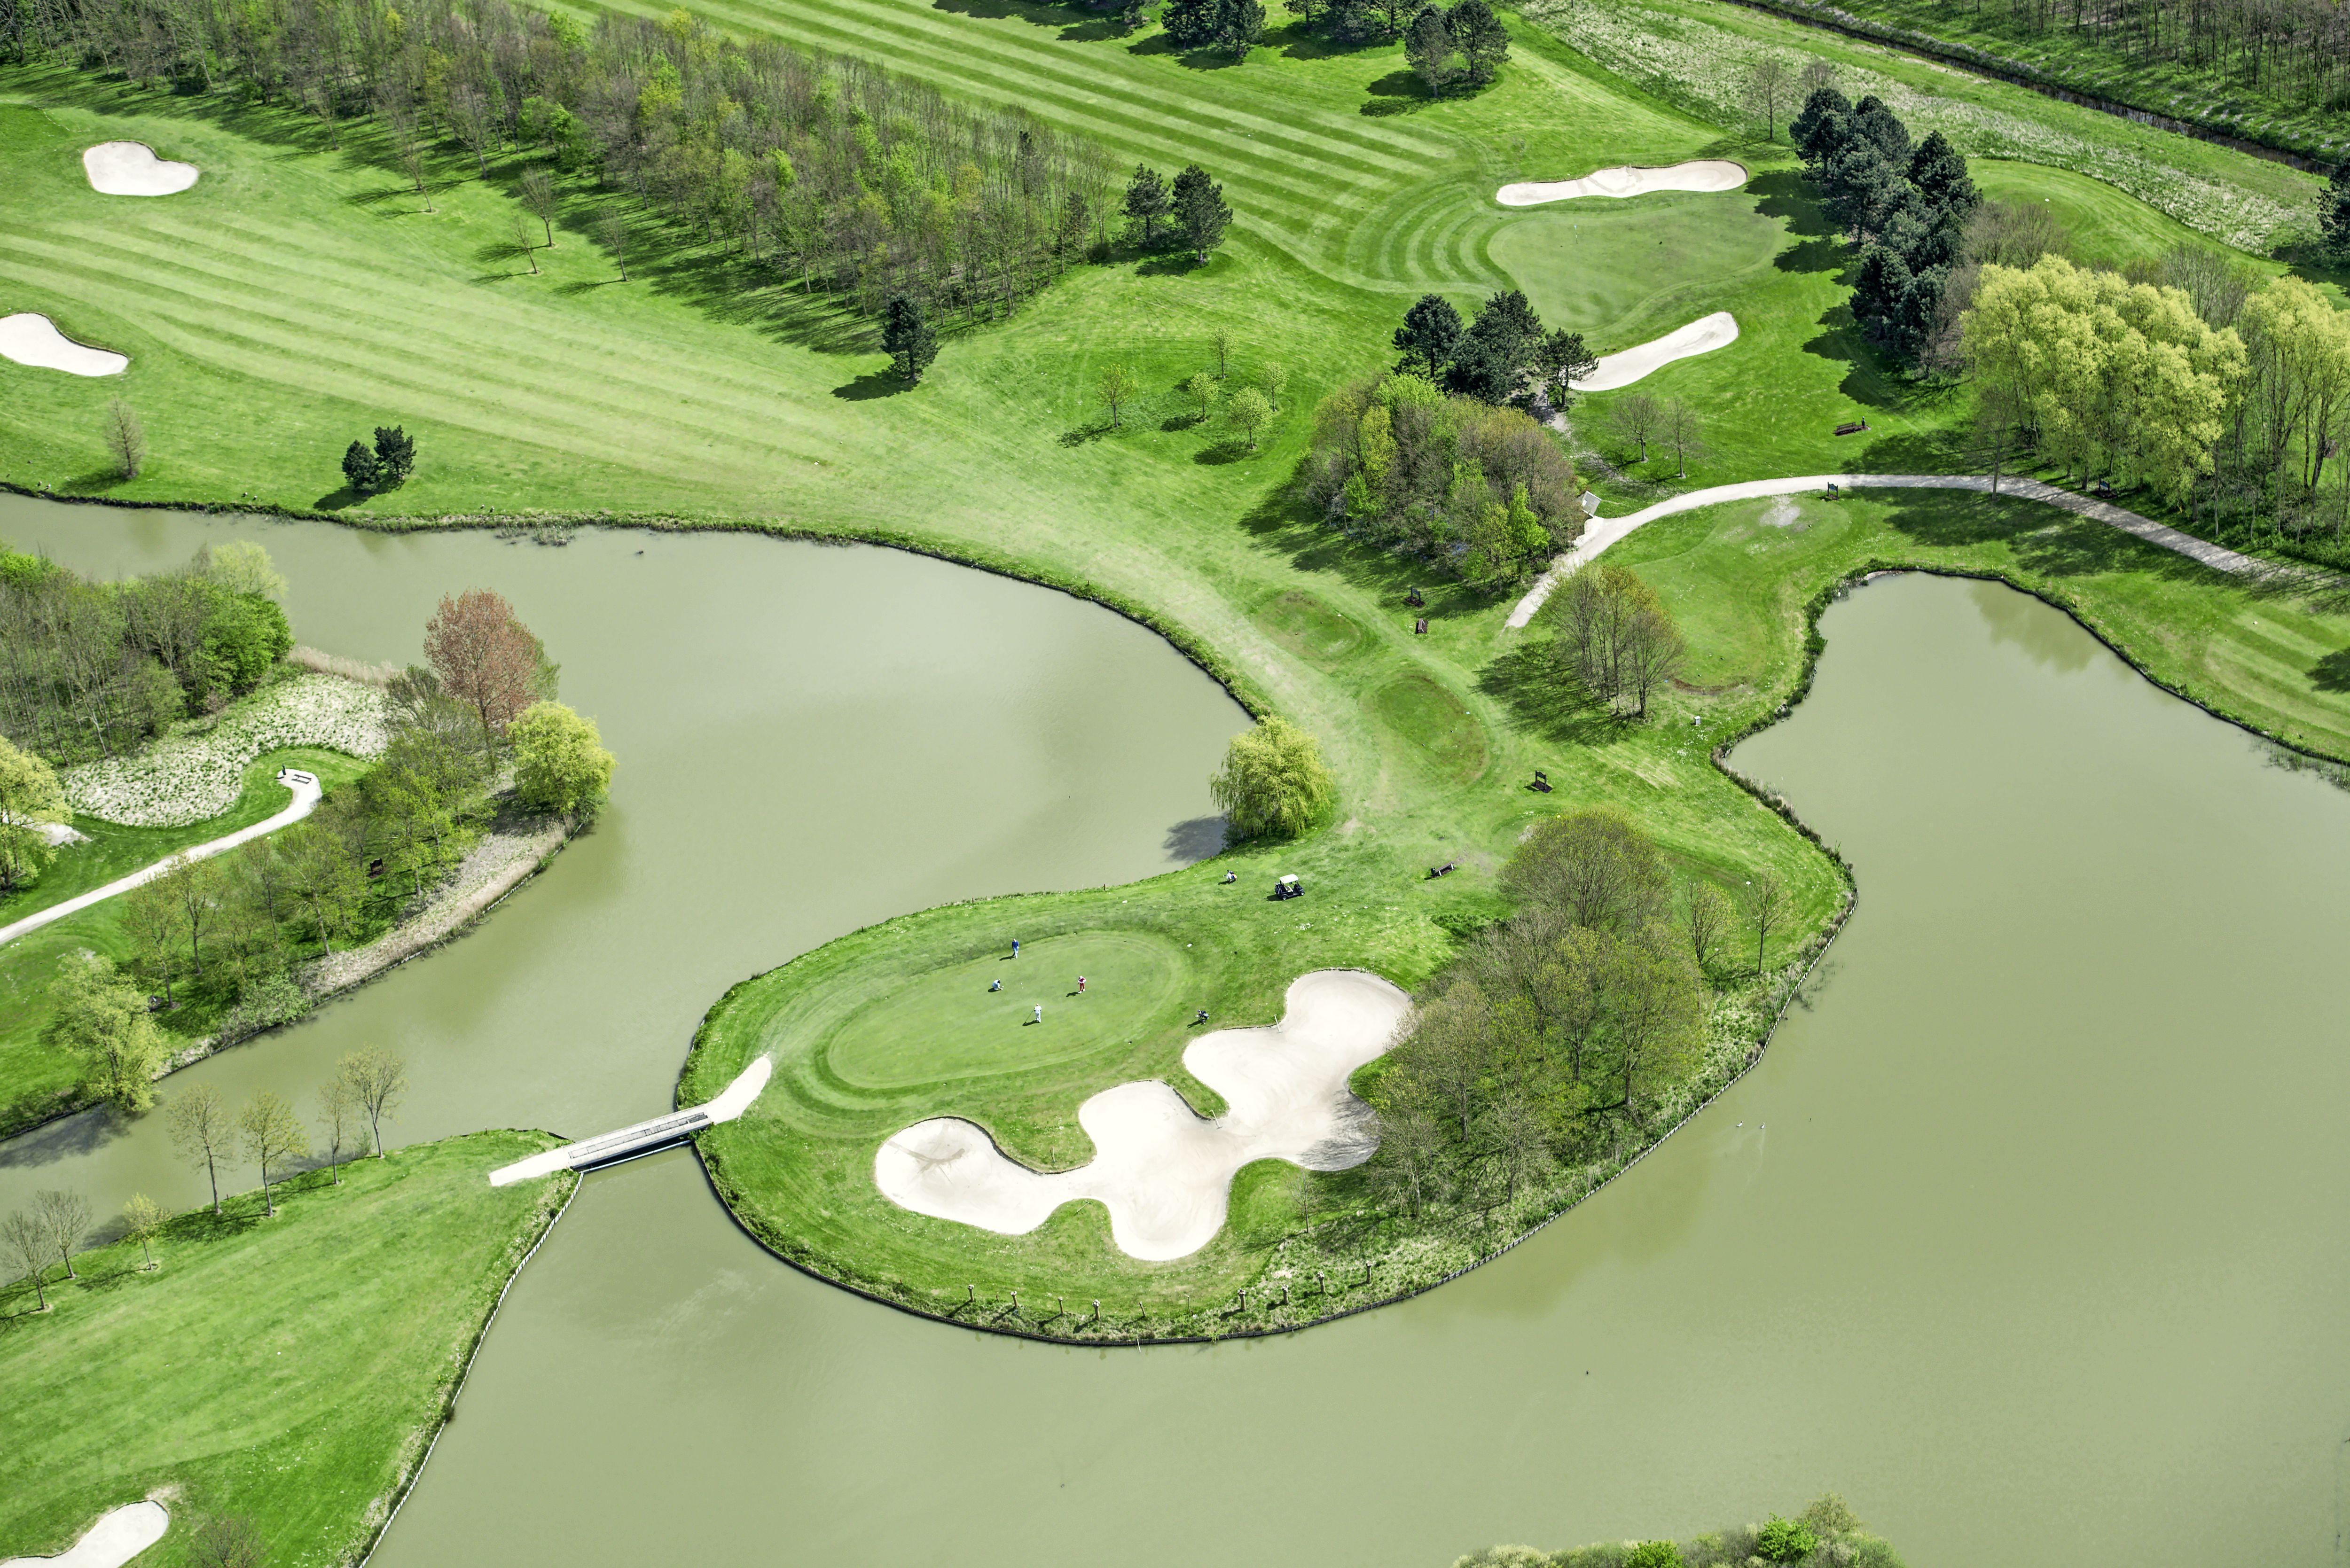 De hele oostflank van Purmerend krijgt één ontwikkelsvisie; meer woningen op terrein van de golfbaan en integratie van Purmerbos